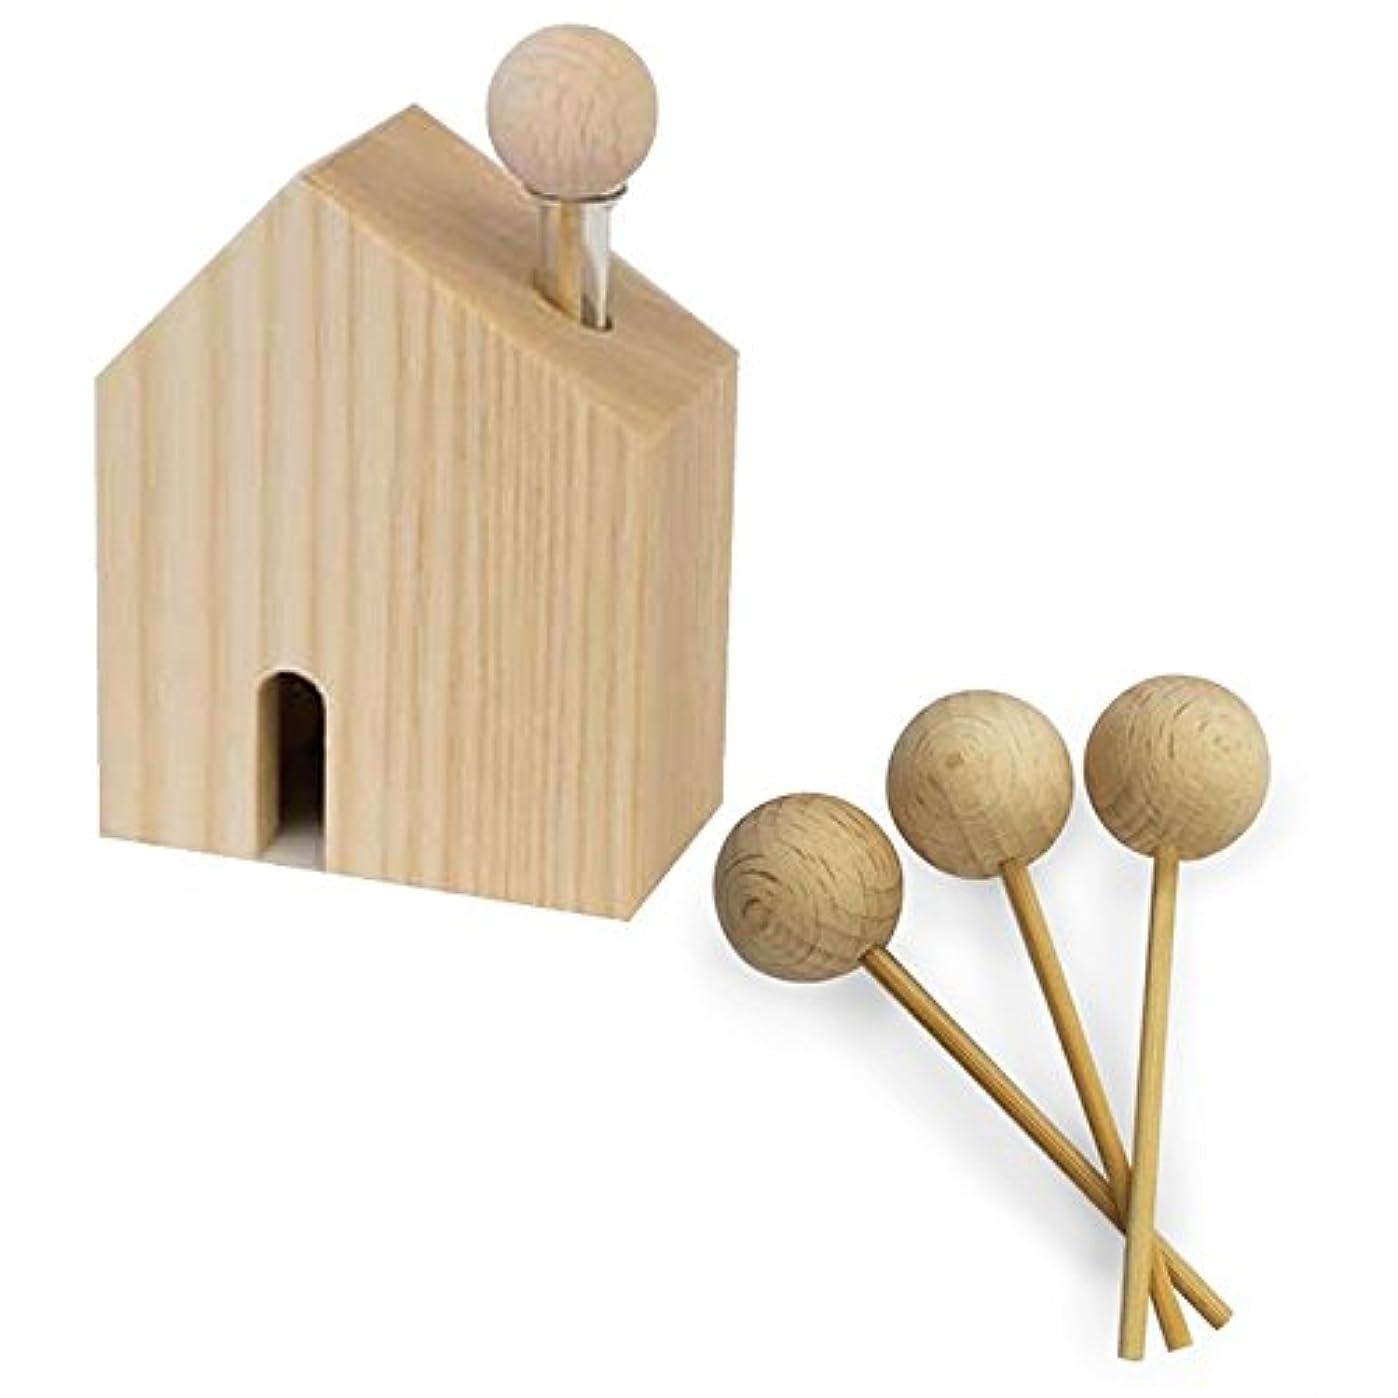 校長十代の若者たちボイコットHARIO ハリオ アロマ芳香器 木のお家 交換用木製スティック3本付